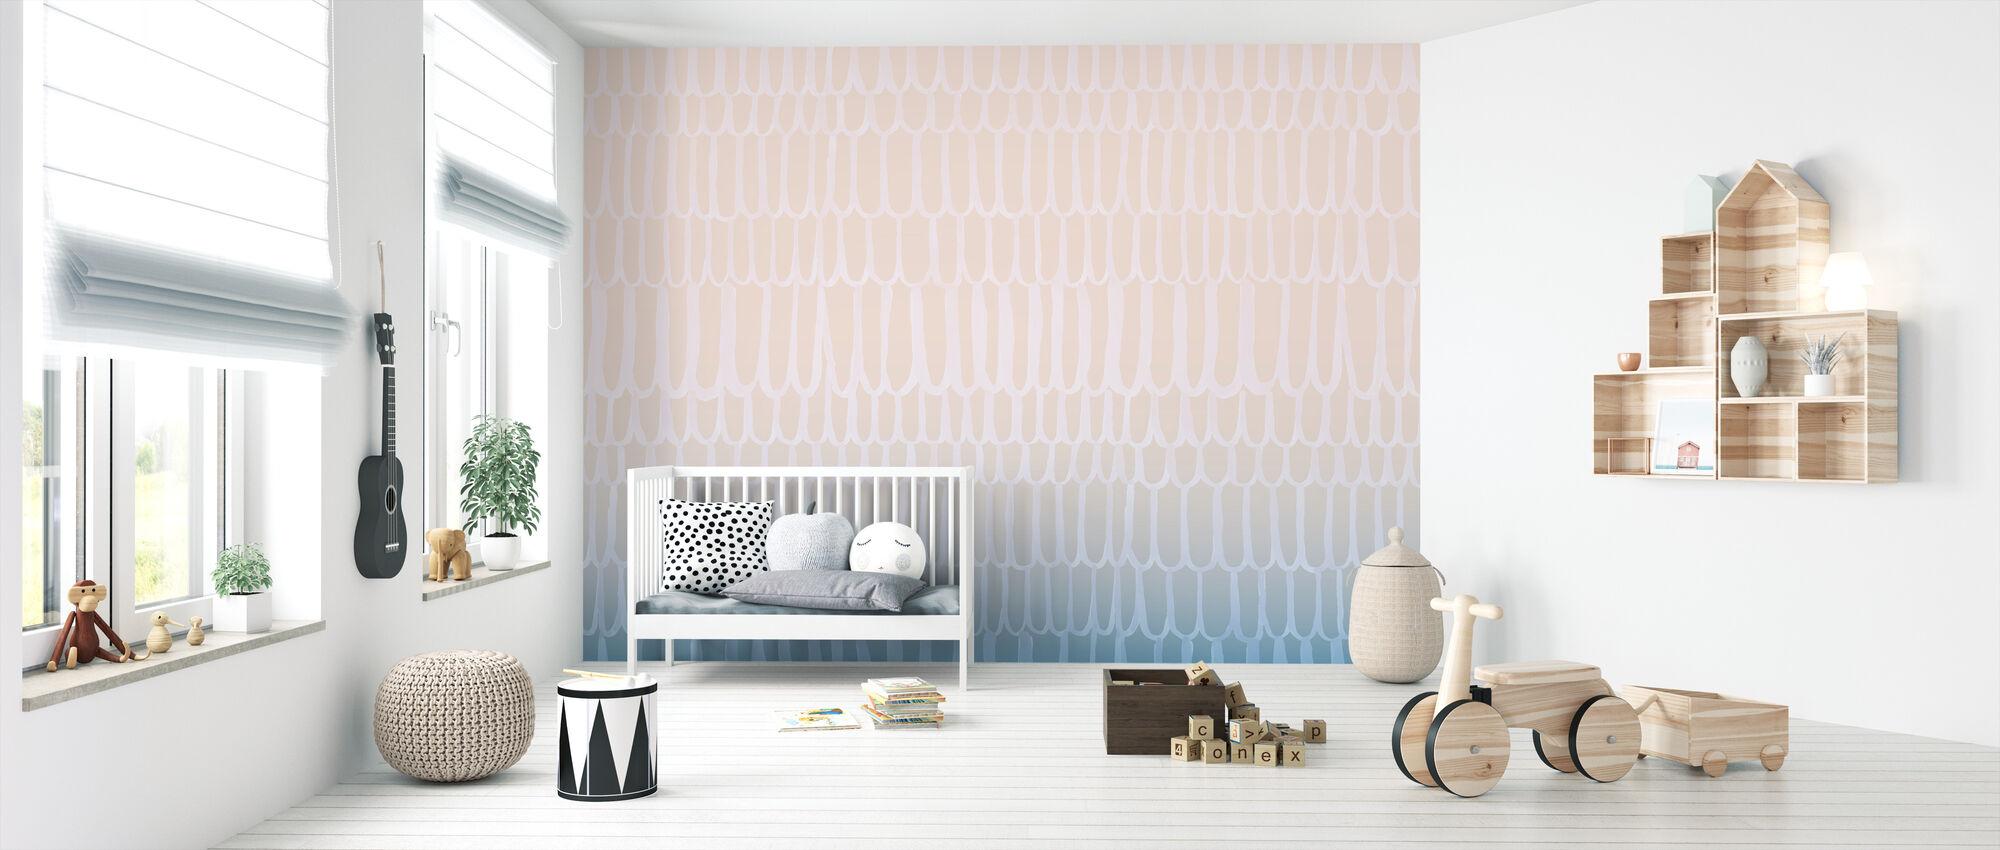 Morning Breasts - Wallpaper - Nursery